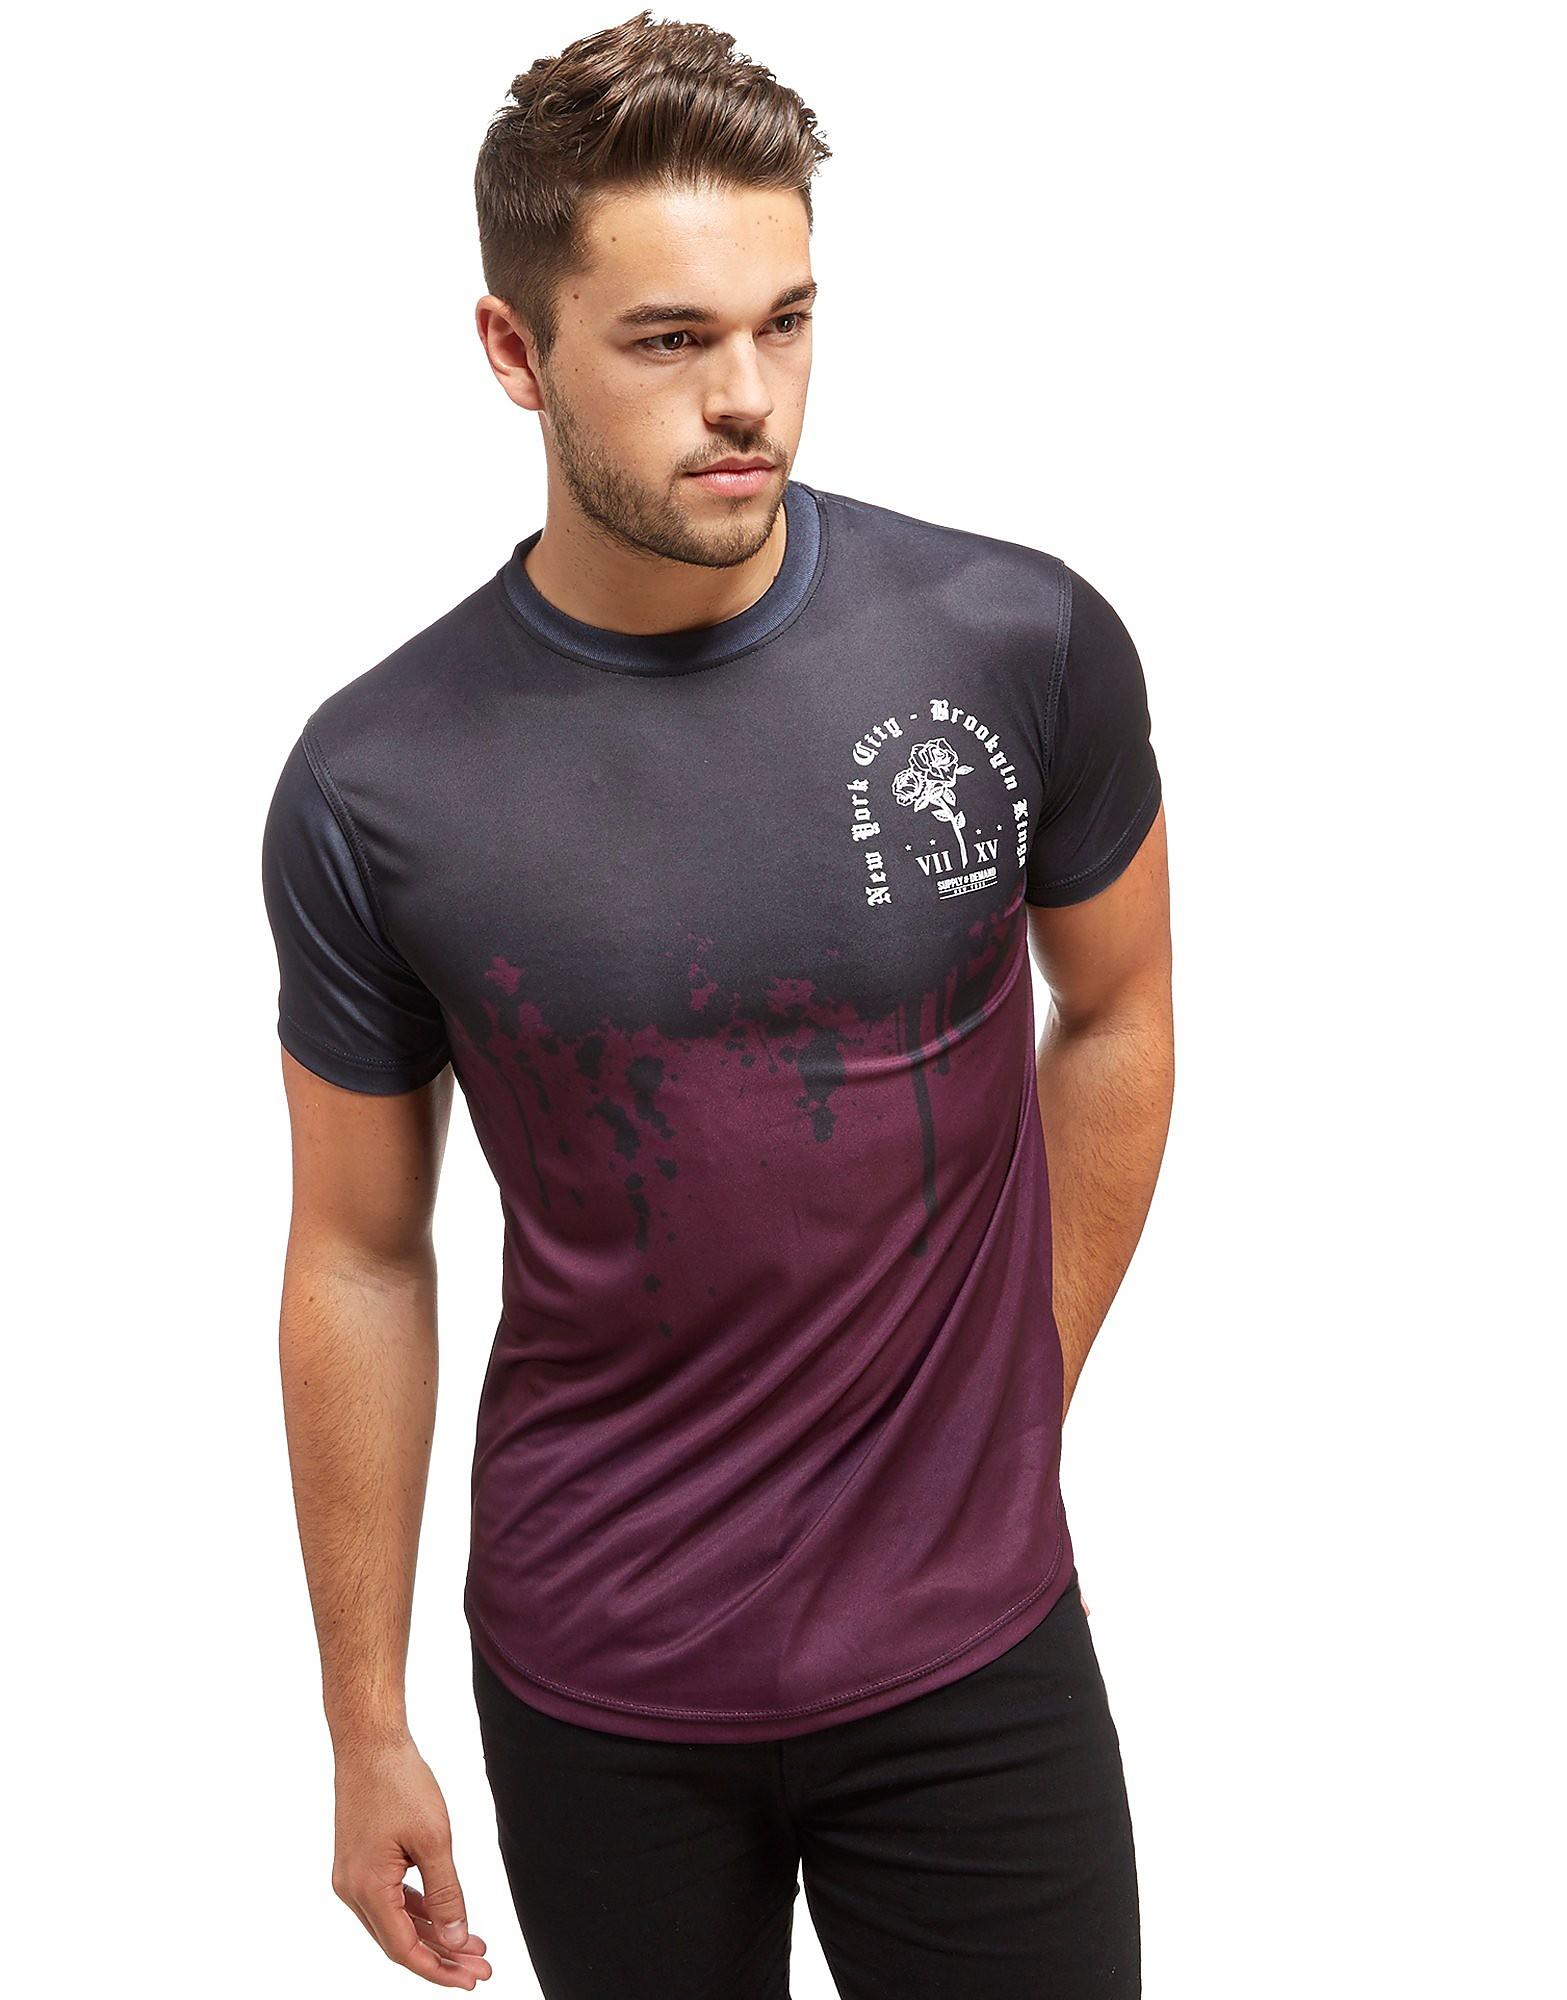 Supply & Demand Caliber T-Shirt